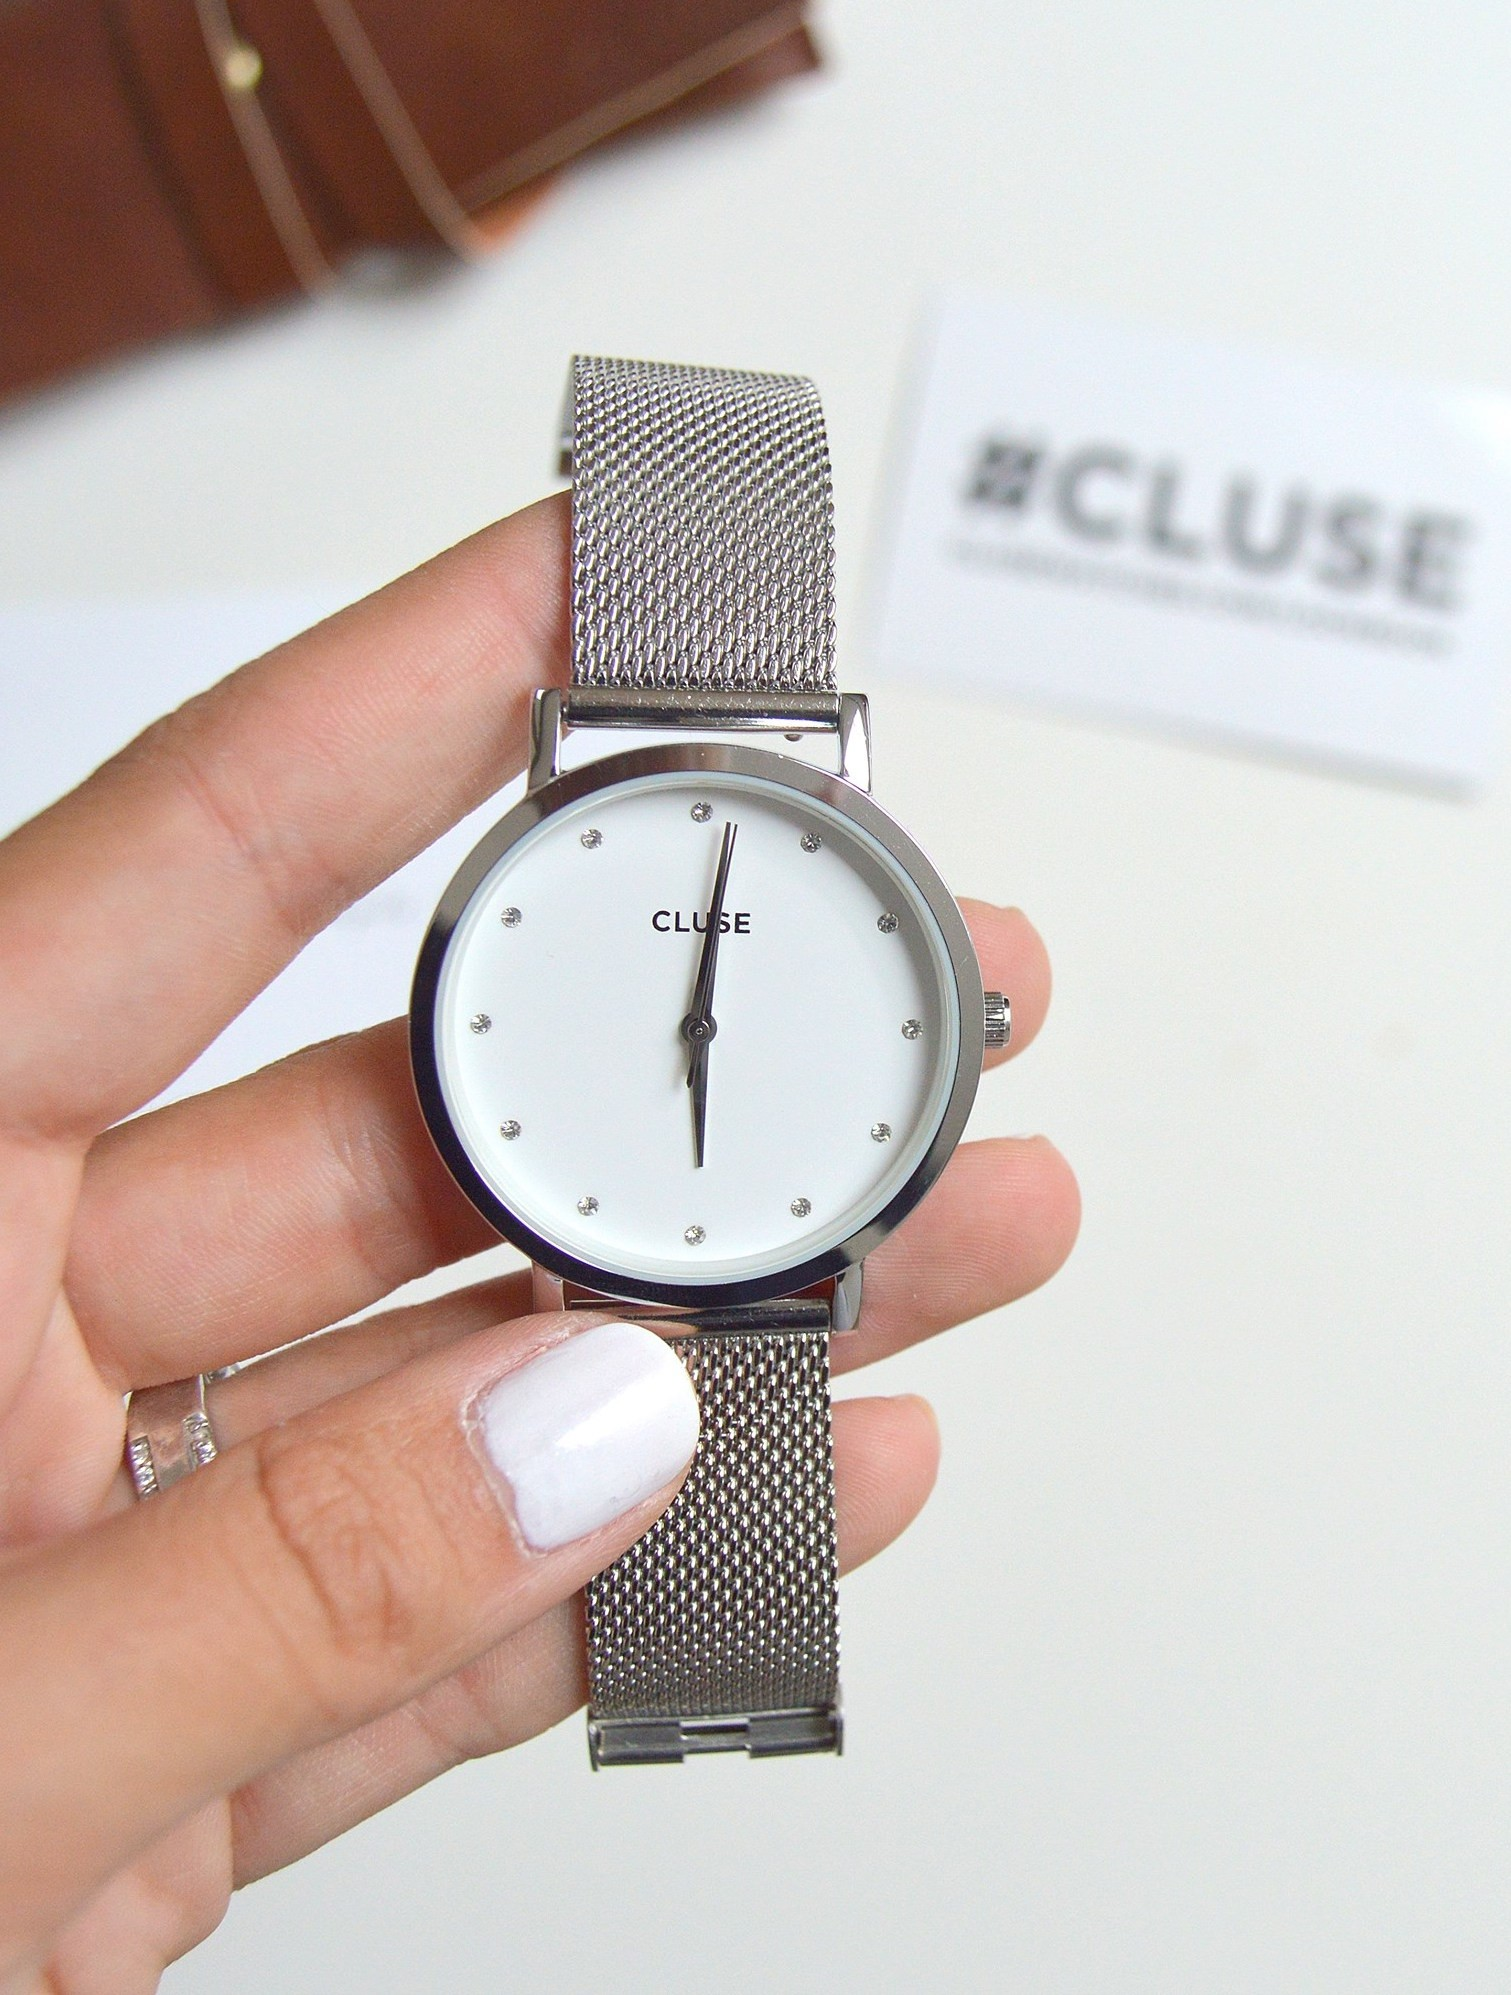 Avis Bracelet montre cluse femme Consulter le Comparatif Meilleur ... a90ab118b668